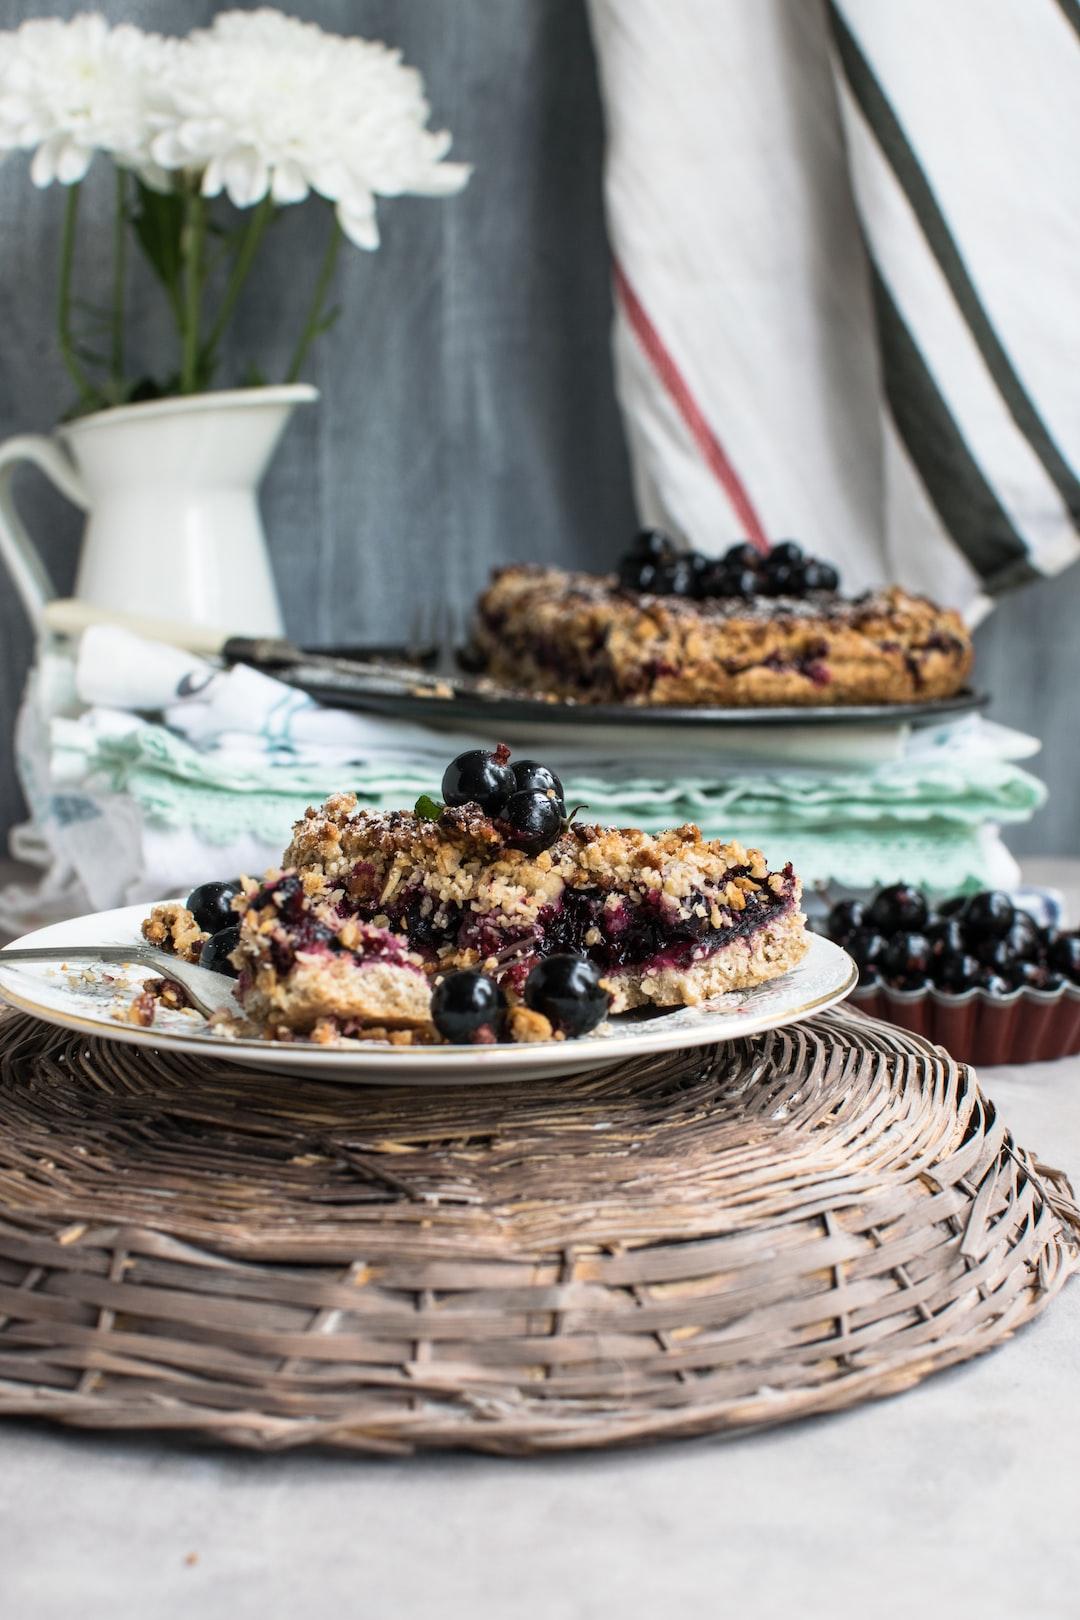 Blackcurant cake